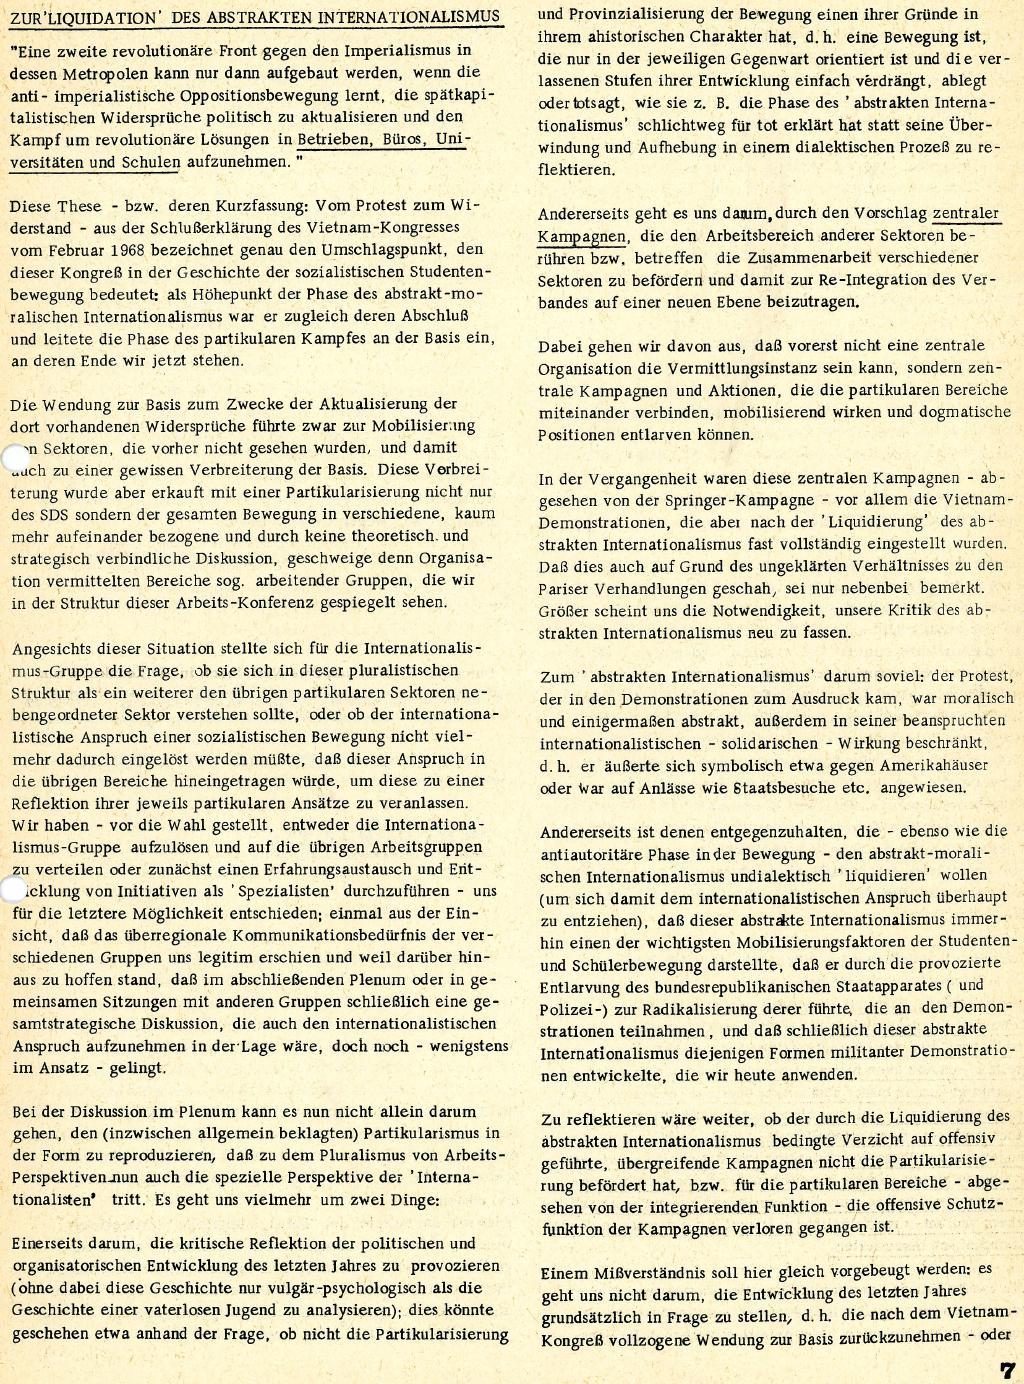 RPK_1969_011_07